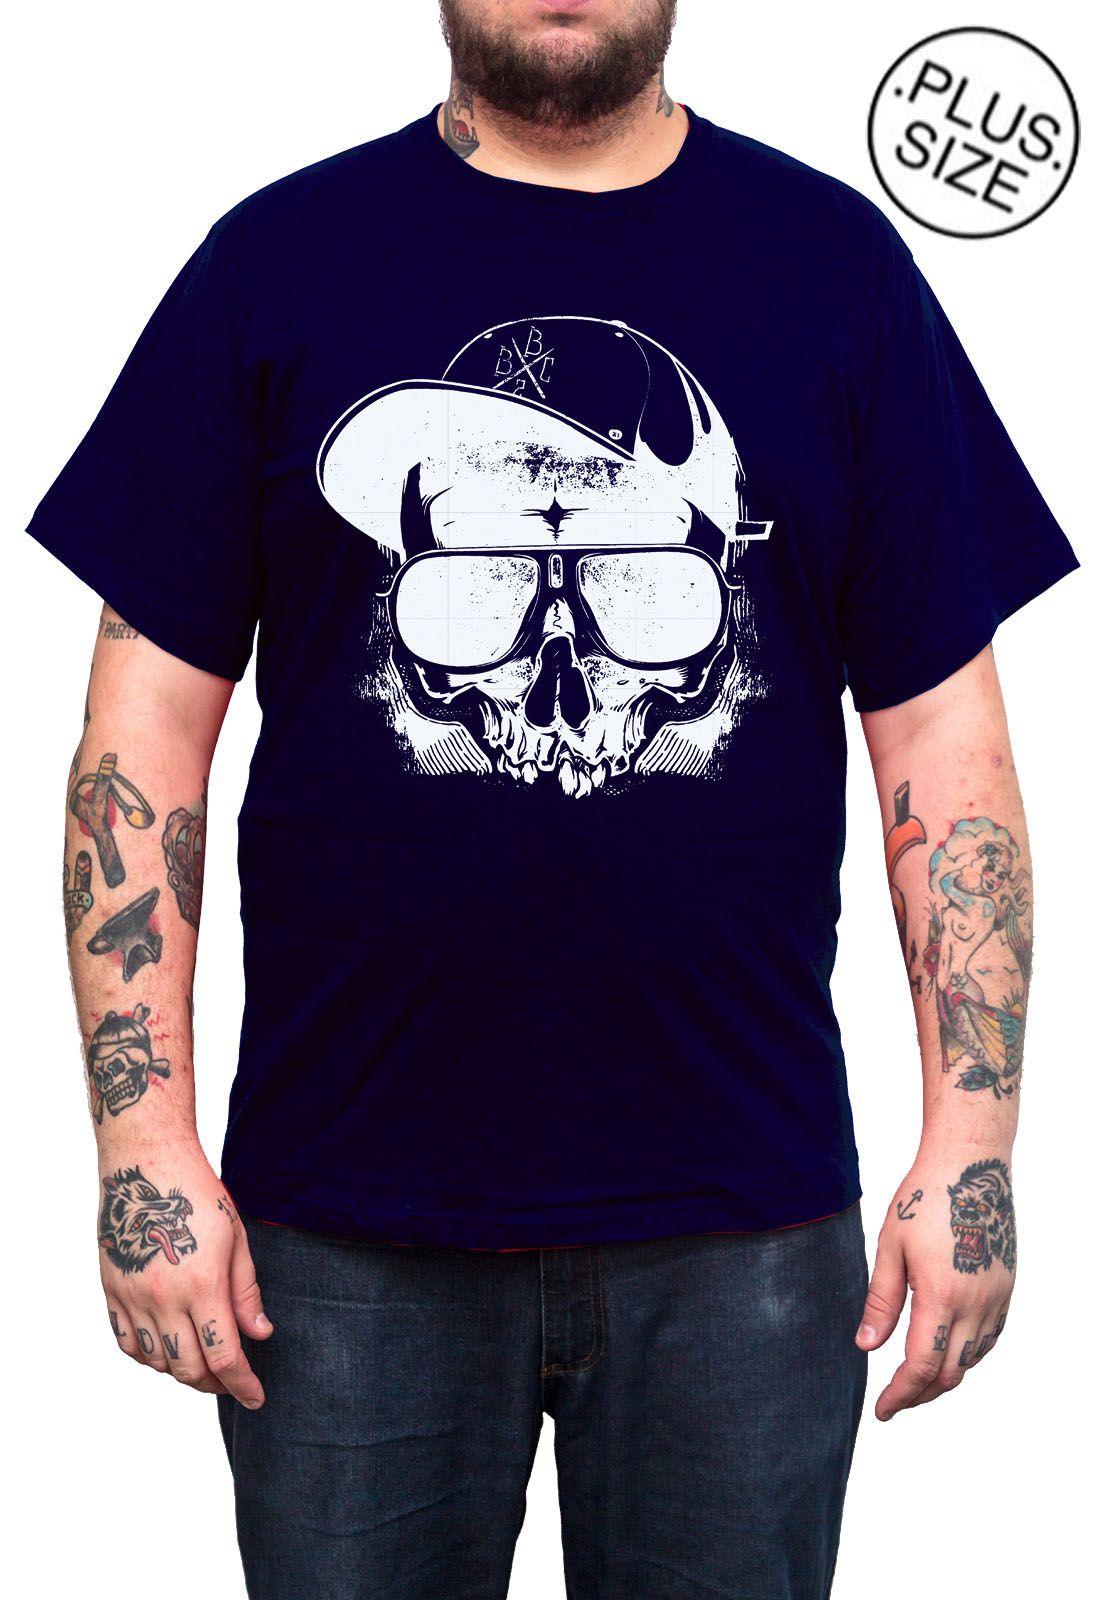 Camiseta Hshop Caveira Boné - Azul Marinho - Plus Size - Tamanho Grande XG  - HShop